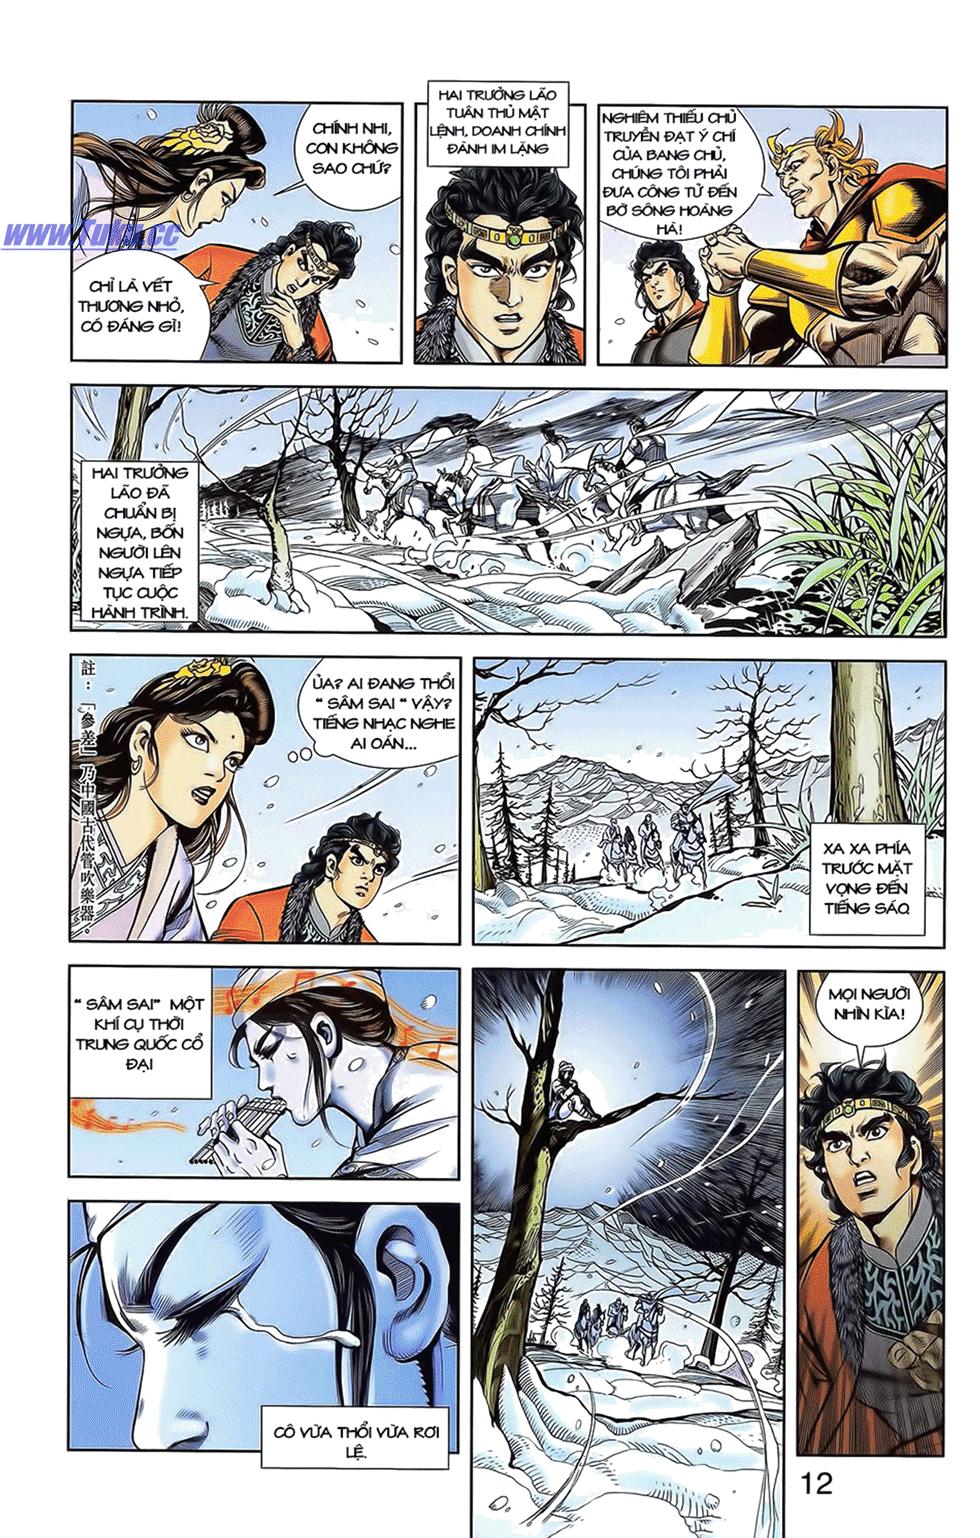 Tần Vương Doanh Chính chapter 12 trang 3